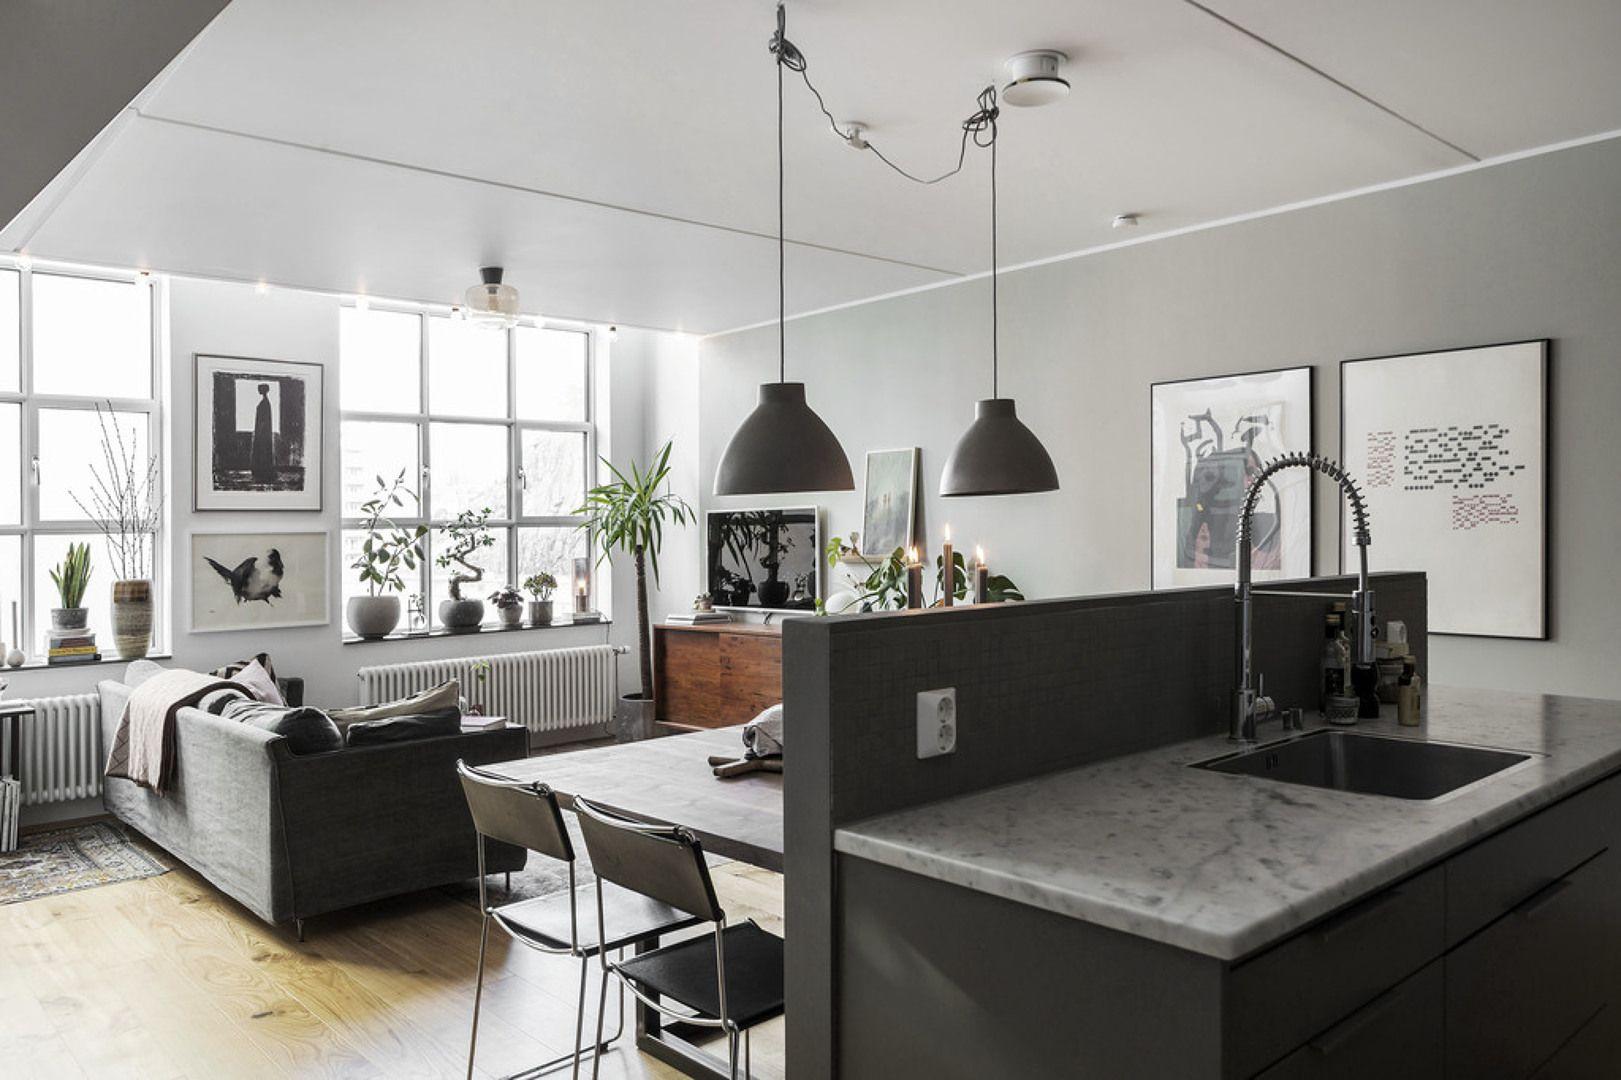 Cucina aperta sul soggiorno | SOGGIORNO | Pinterest | Foto cucina ...